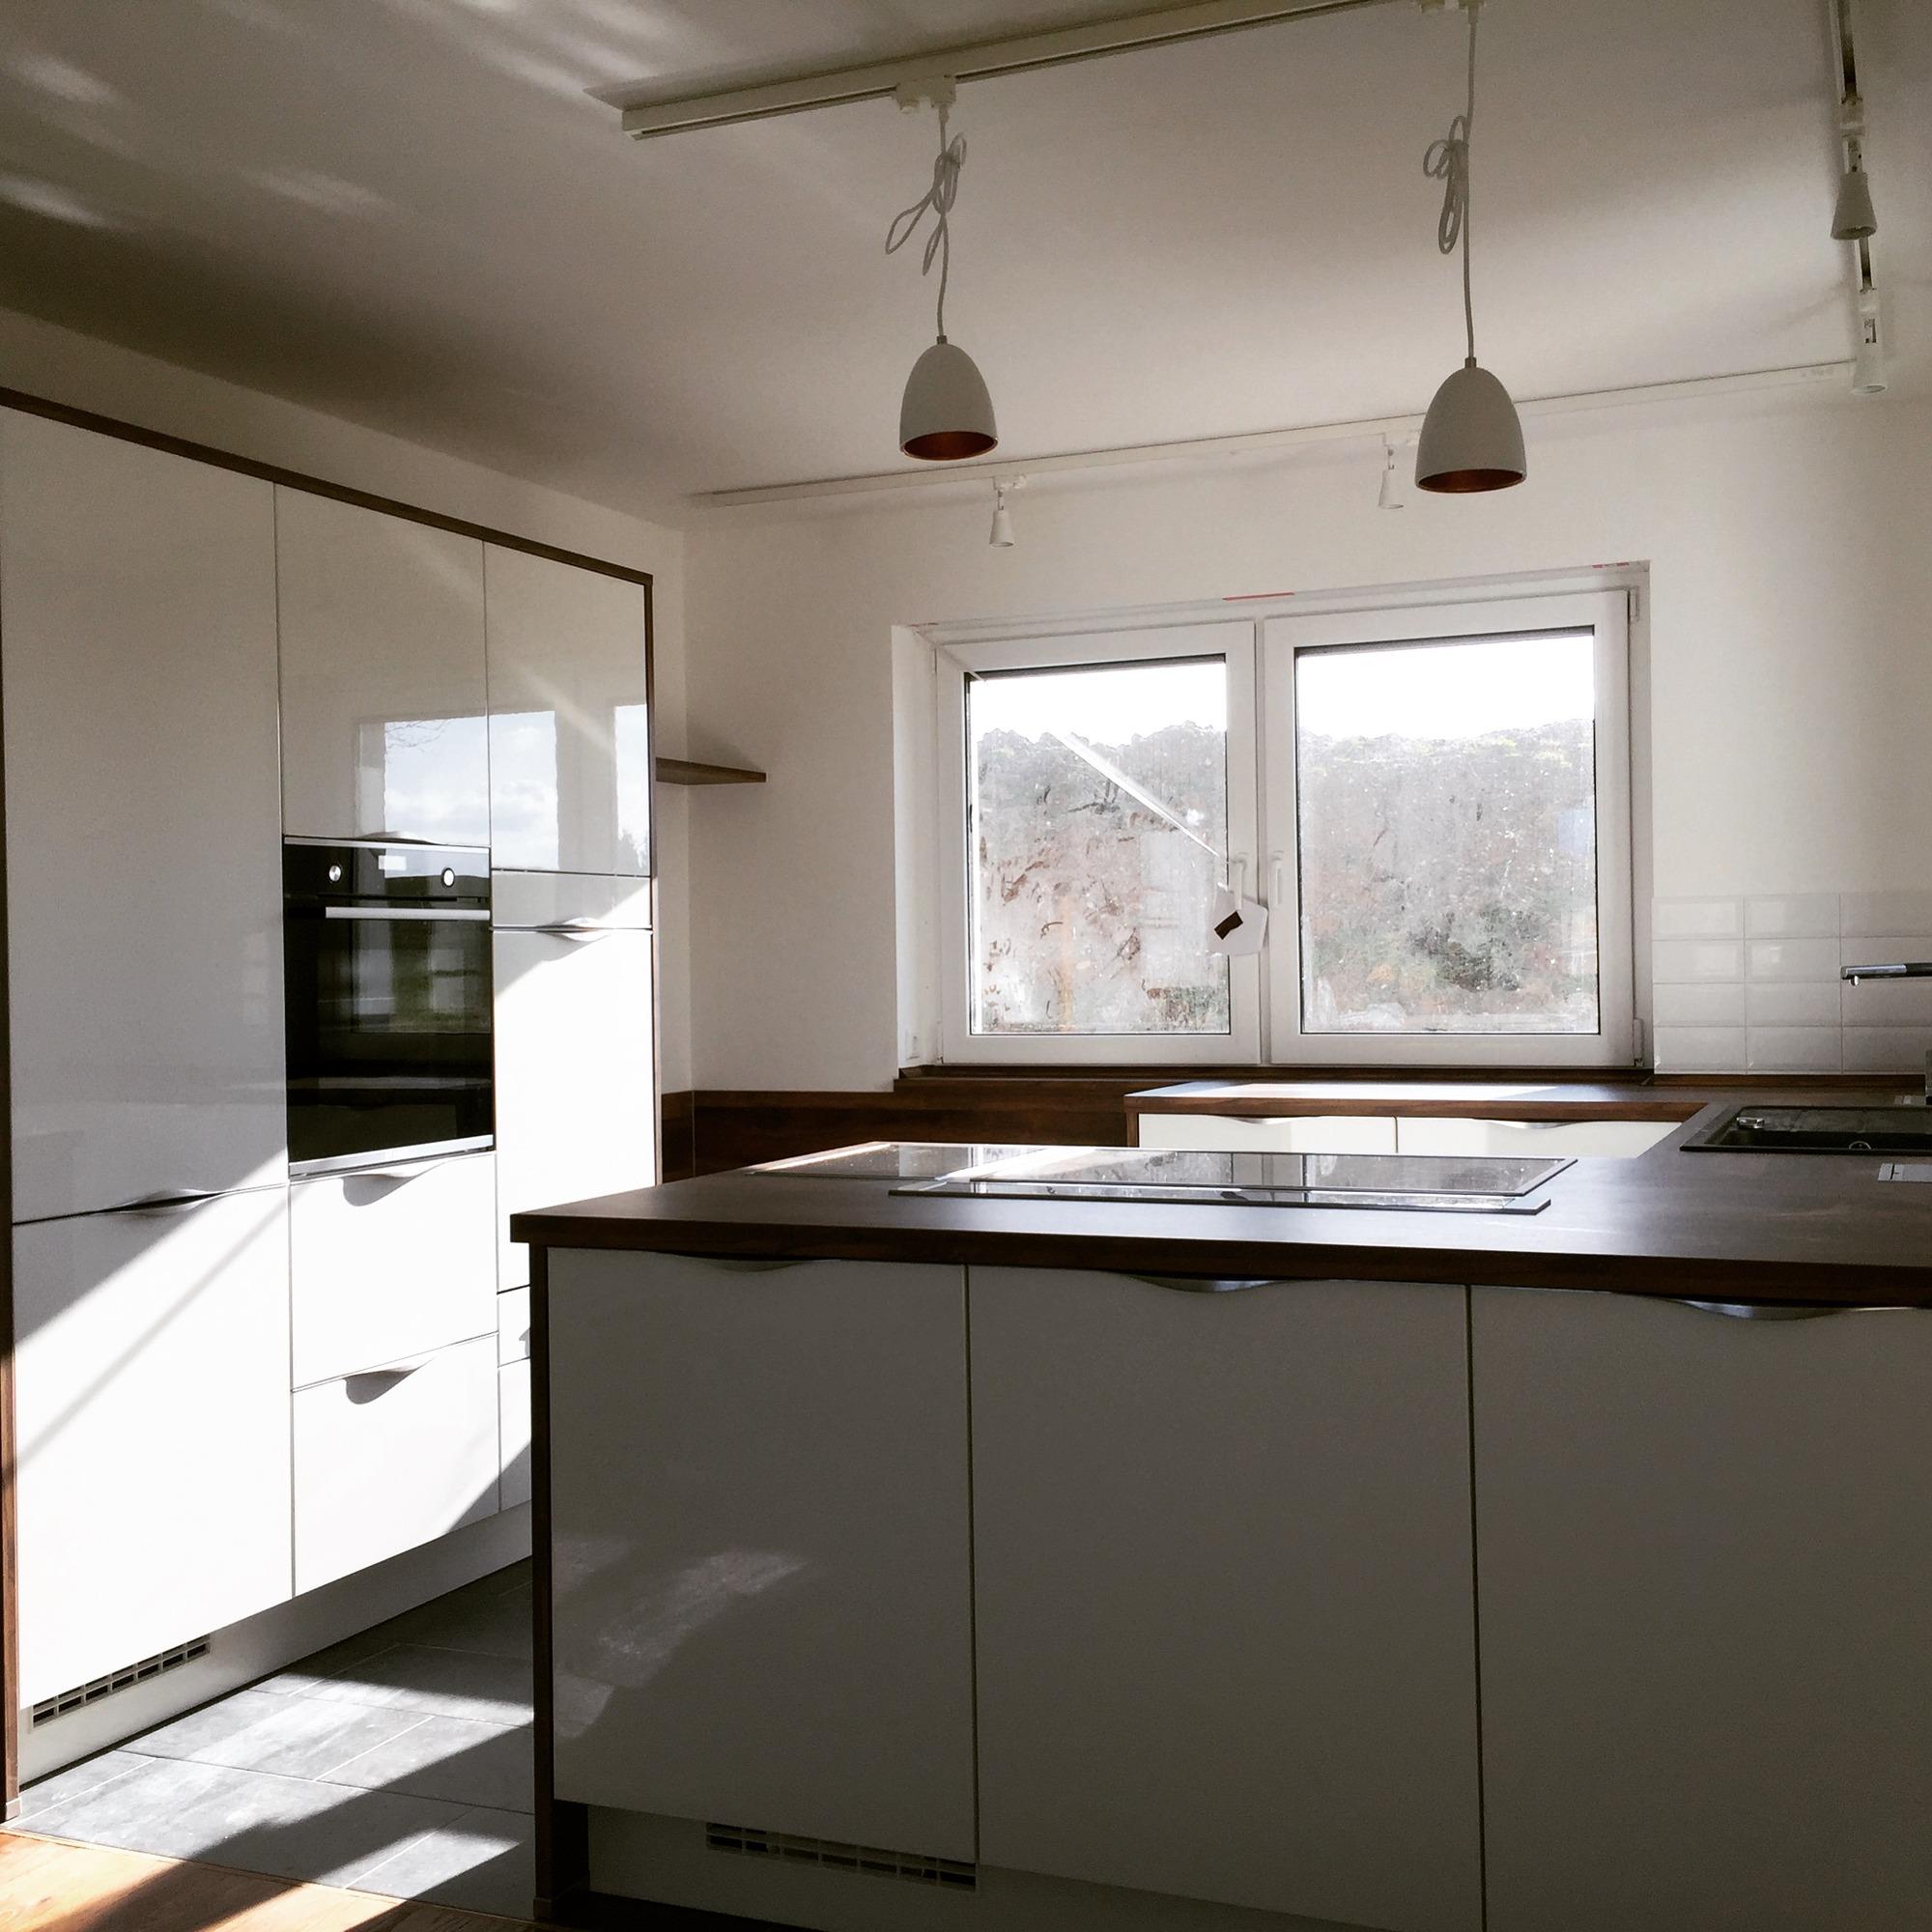 Erste eigene Küche - Gutsmann Küchen - Bauplanungen.de